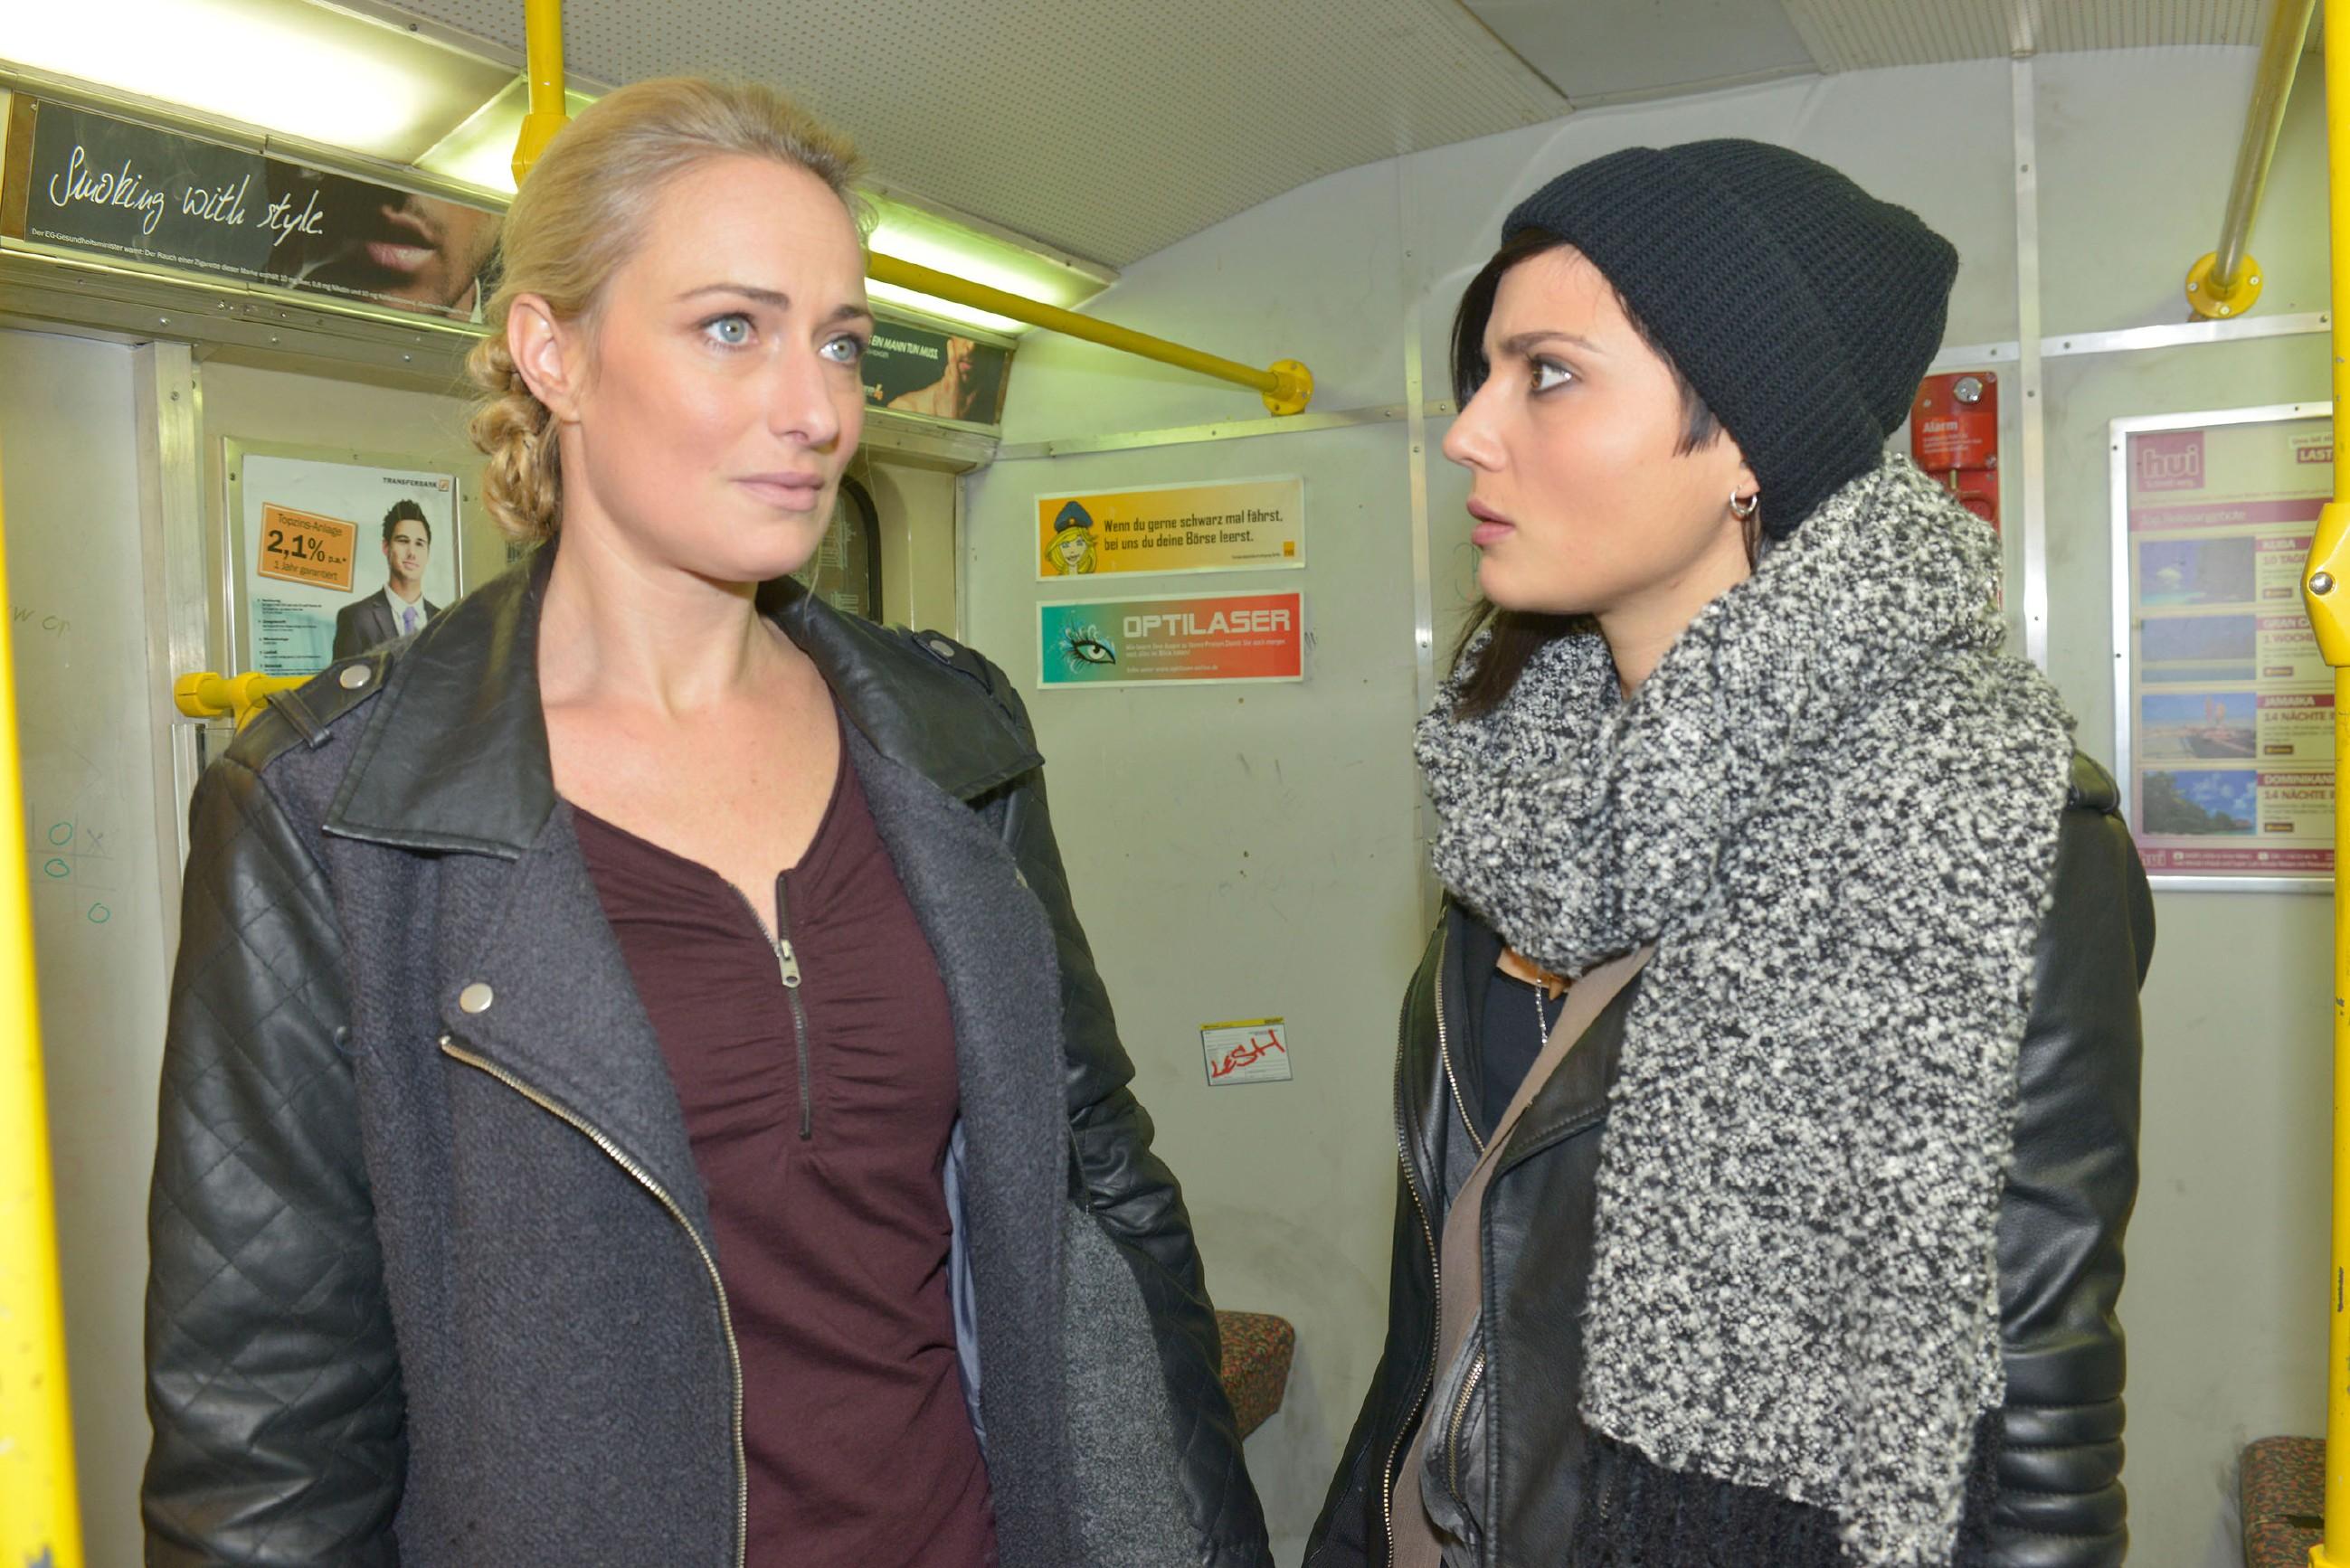 Nachdem Jasmin Maren (Eva Mona Rodekirchen, l.) entwischt ist, macht die sich gemeinsam mit Anni (Linda Marlen Runge) auf dem Weg zu Frederic, wo die Situation zwischen ihm und Katrin gerade zu eskalieren droht... (Quelle: RTL / Rolf Baumgartner)